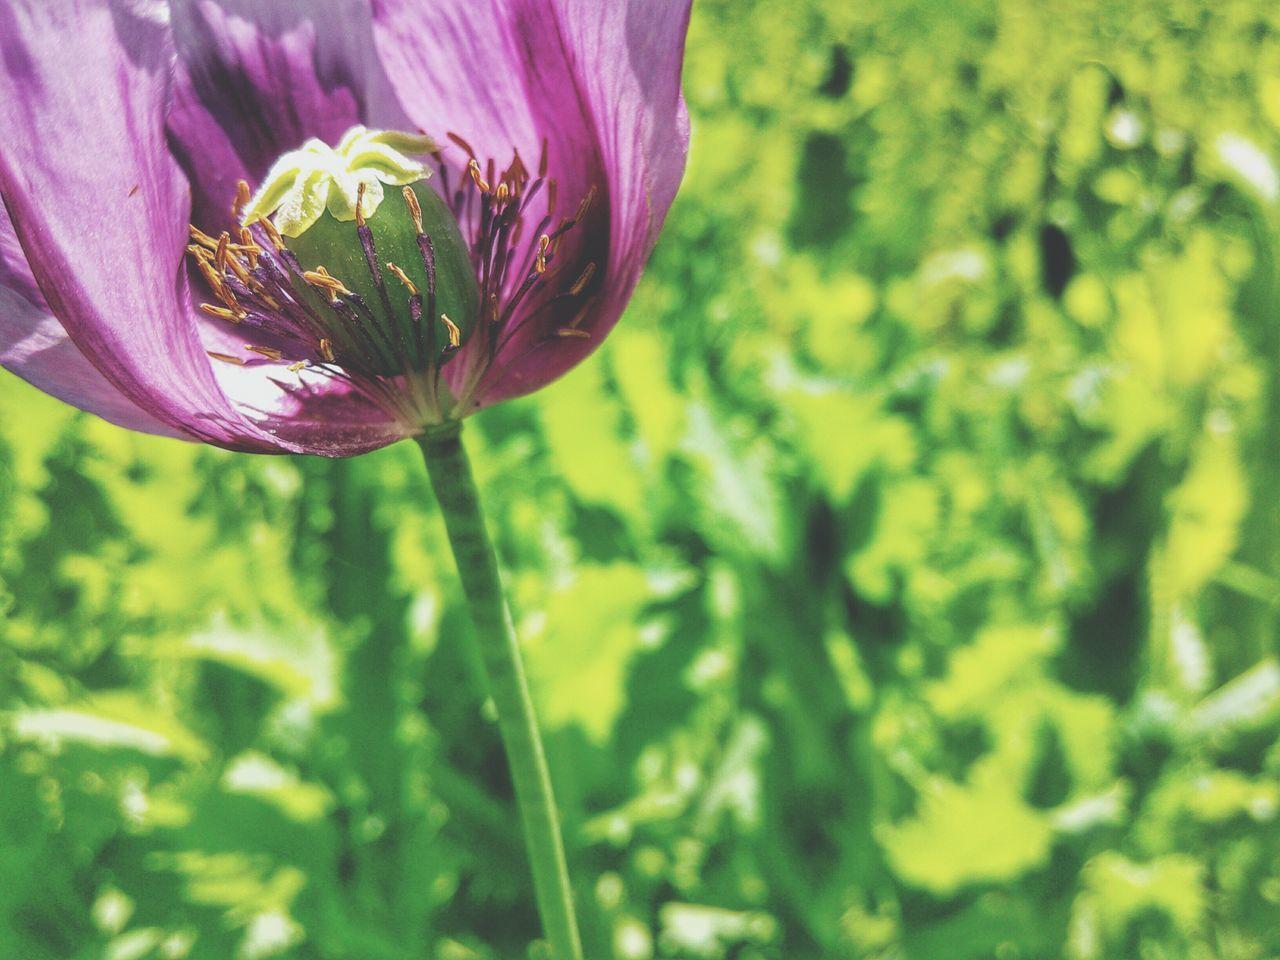 Opium Poppies Poppy Flower Papaver Somniferum Purple Flowers Macro Agriculture Garden Green Green Background